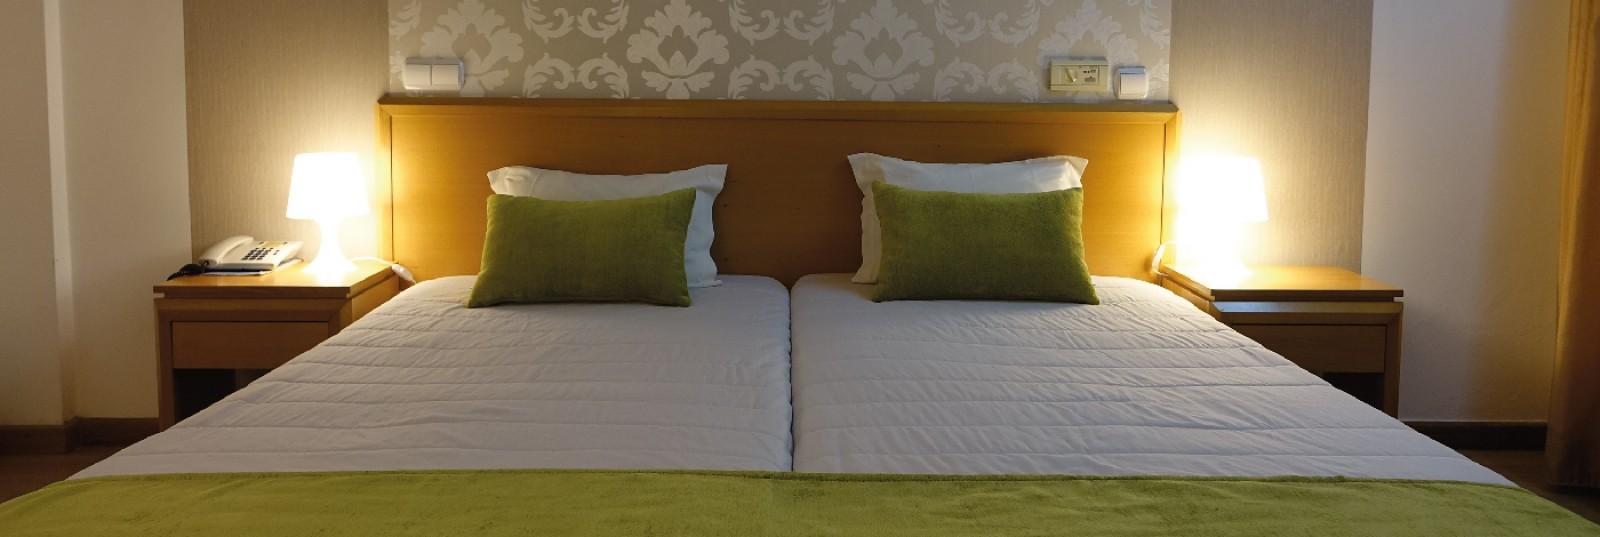 Hotel Eurosol Alcanena - quarto twin